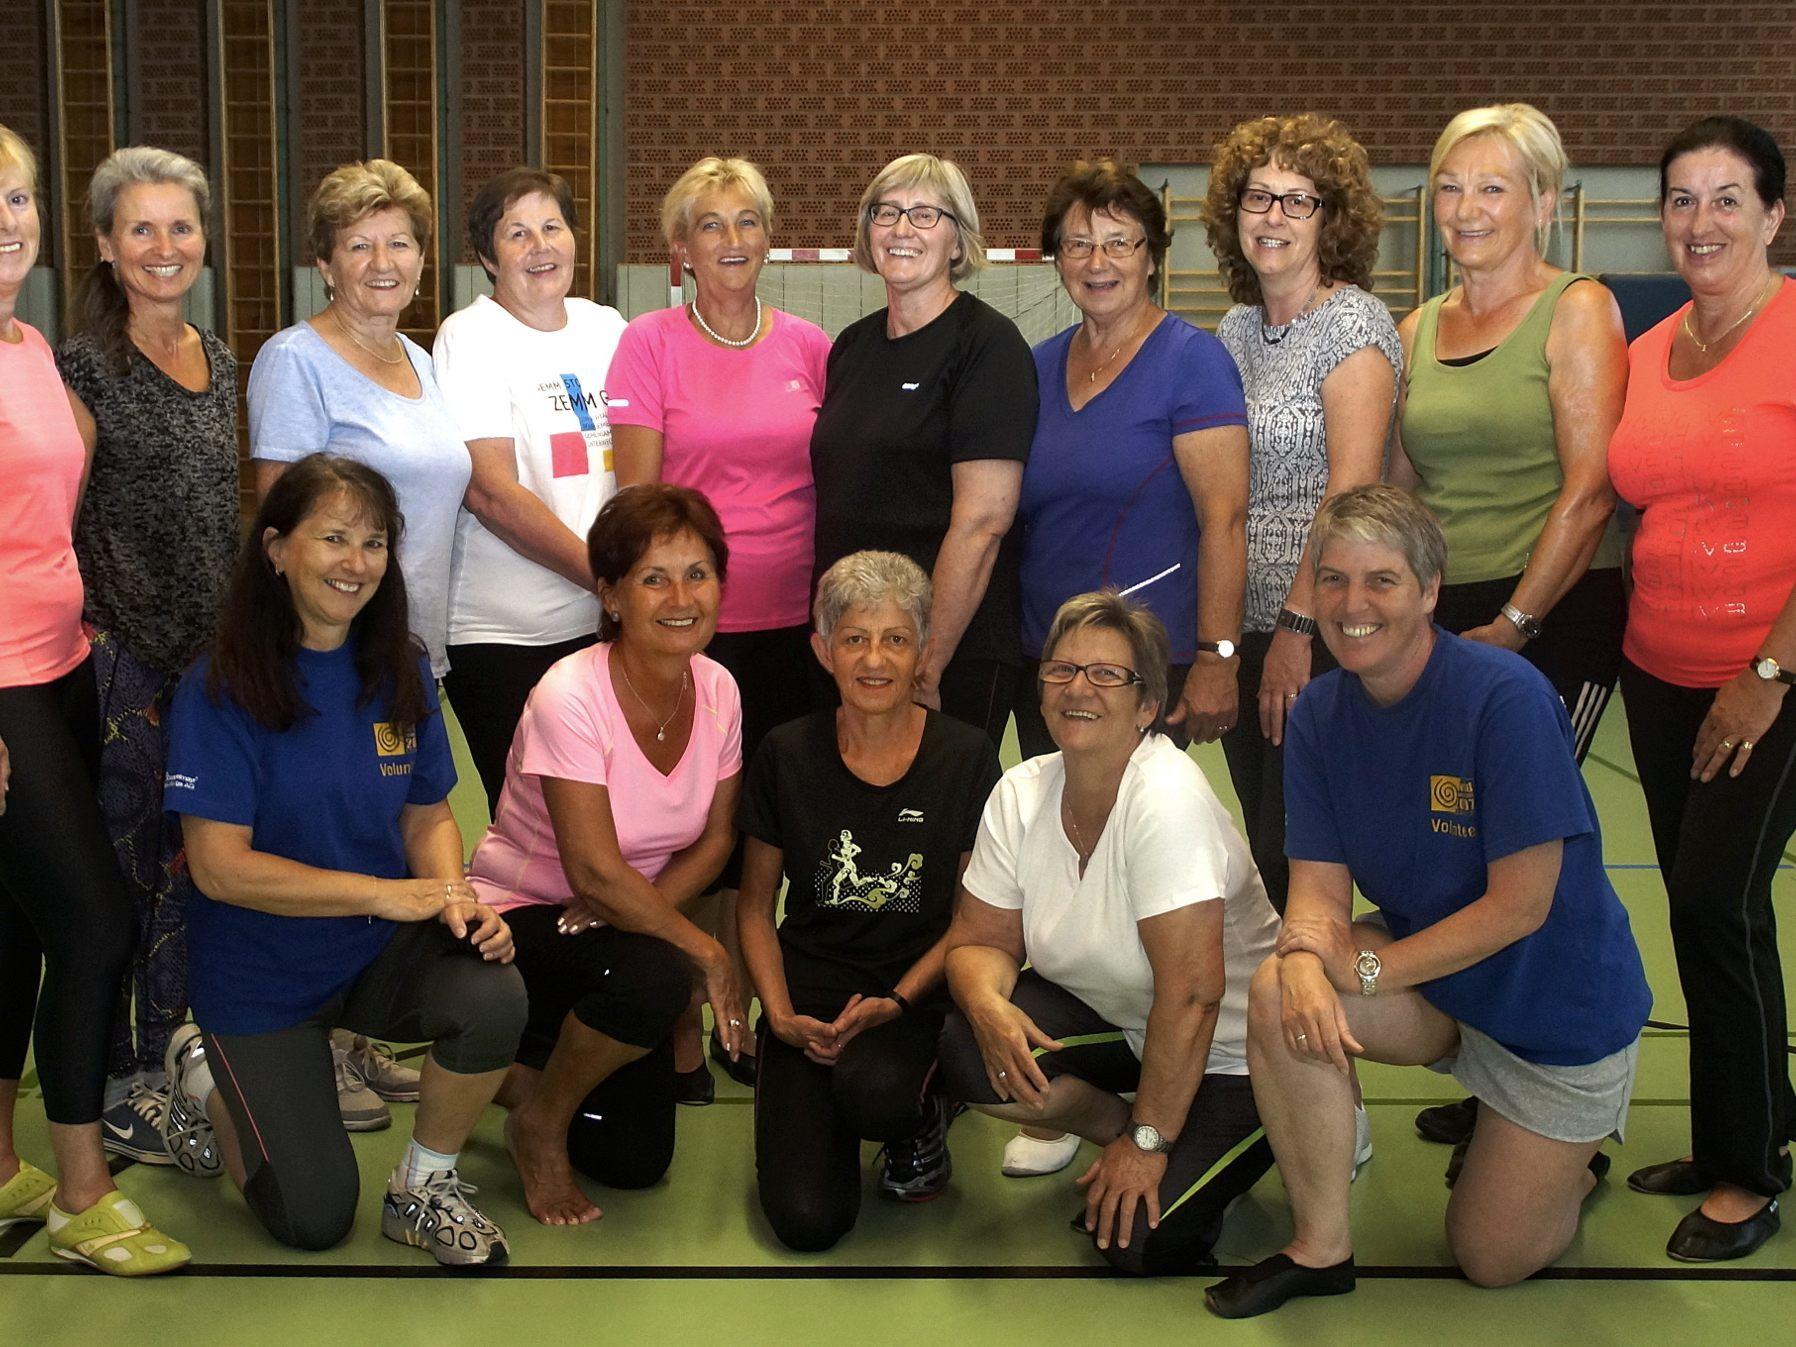 50plus-Treff: Freundschaft und Partnersuche ab 50